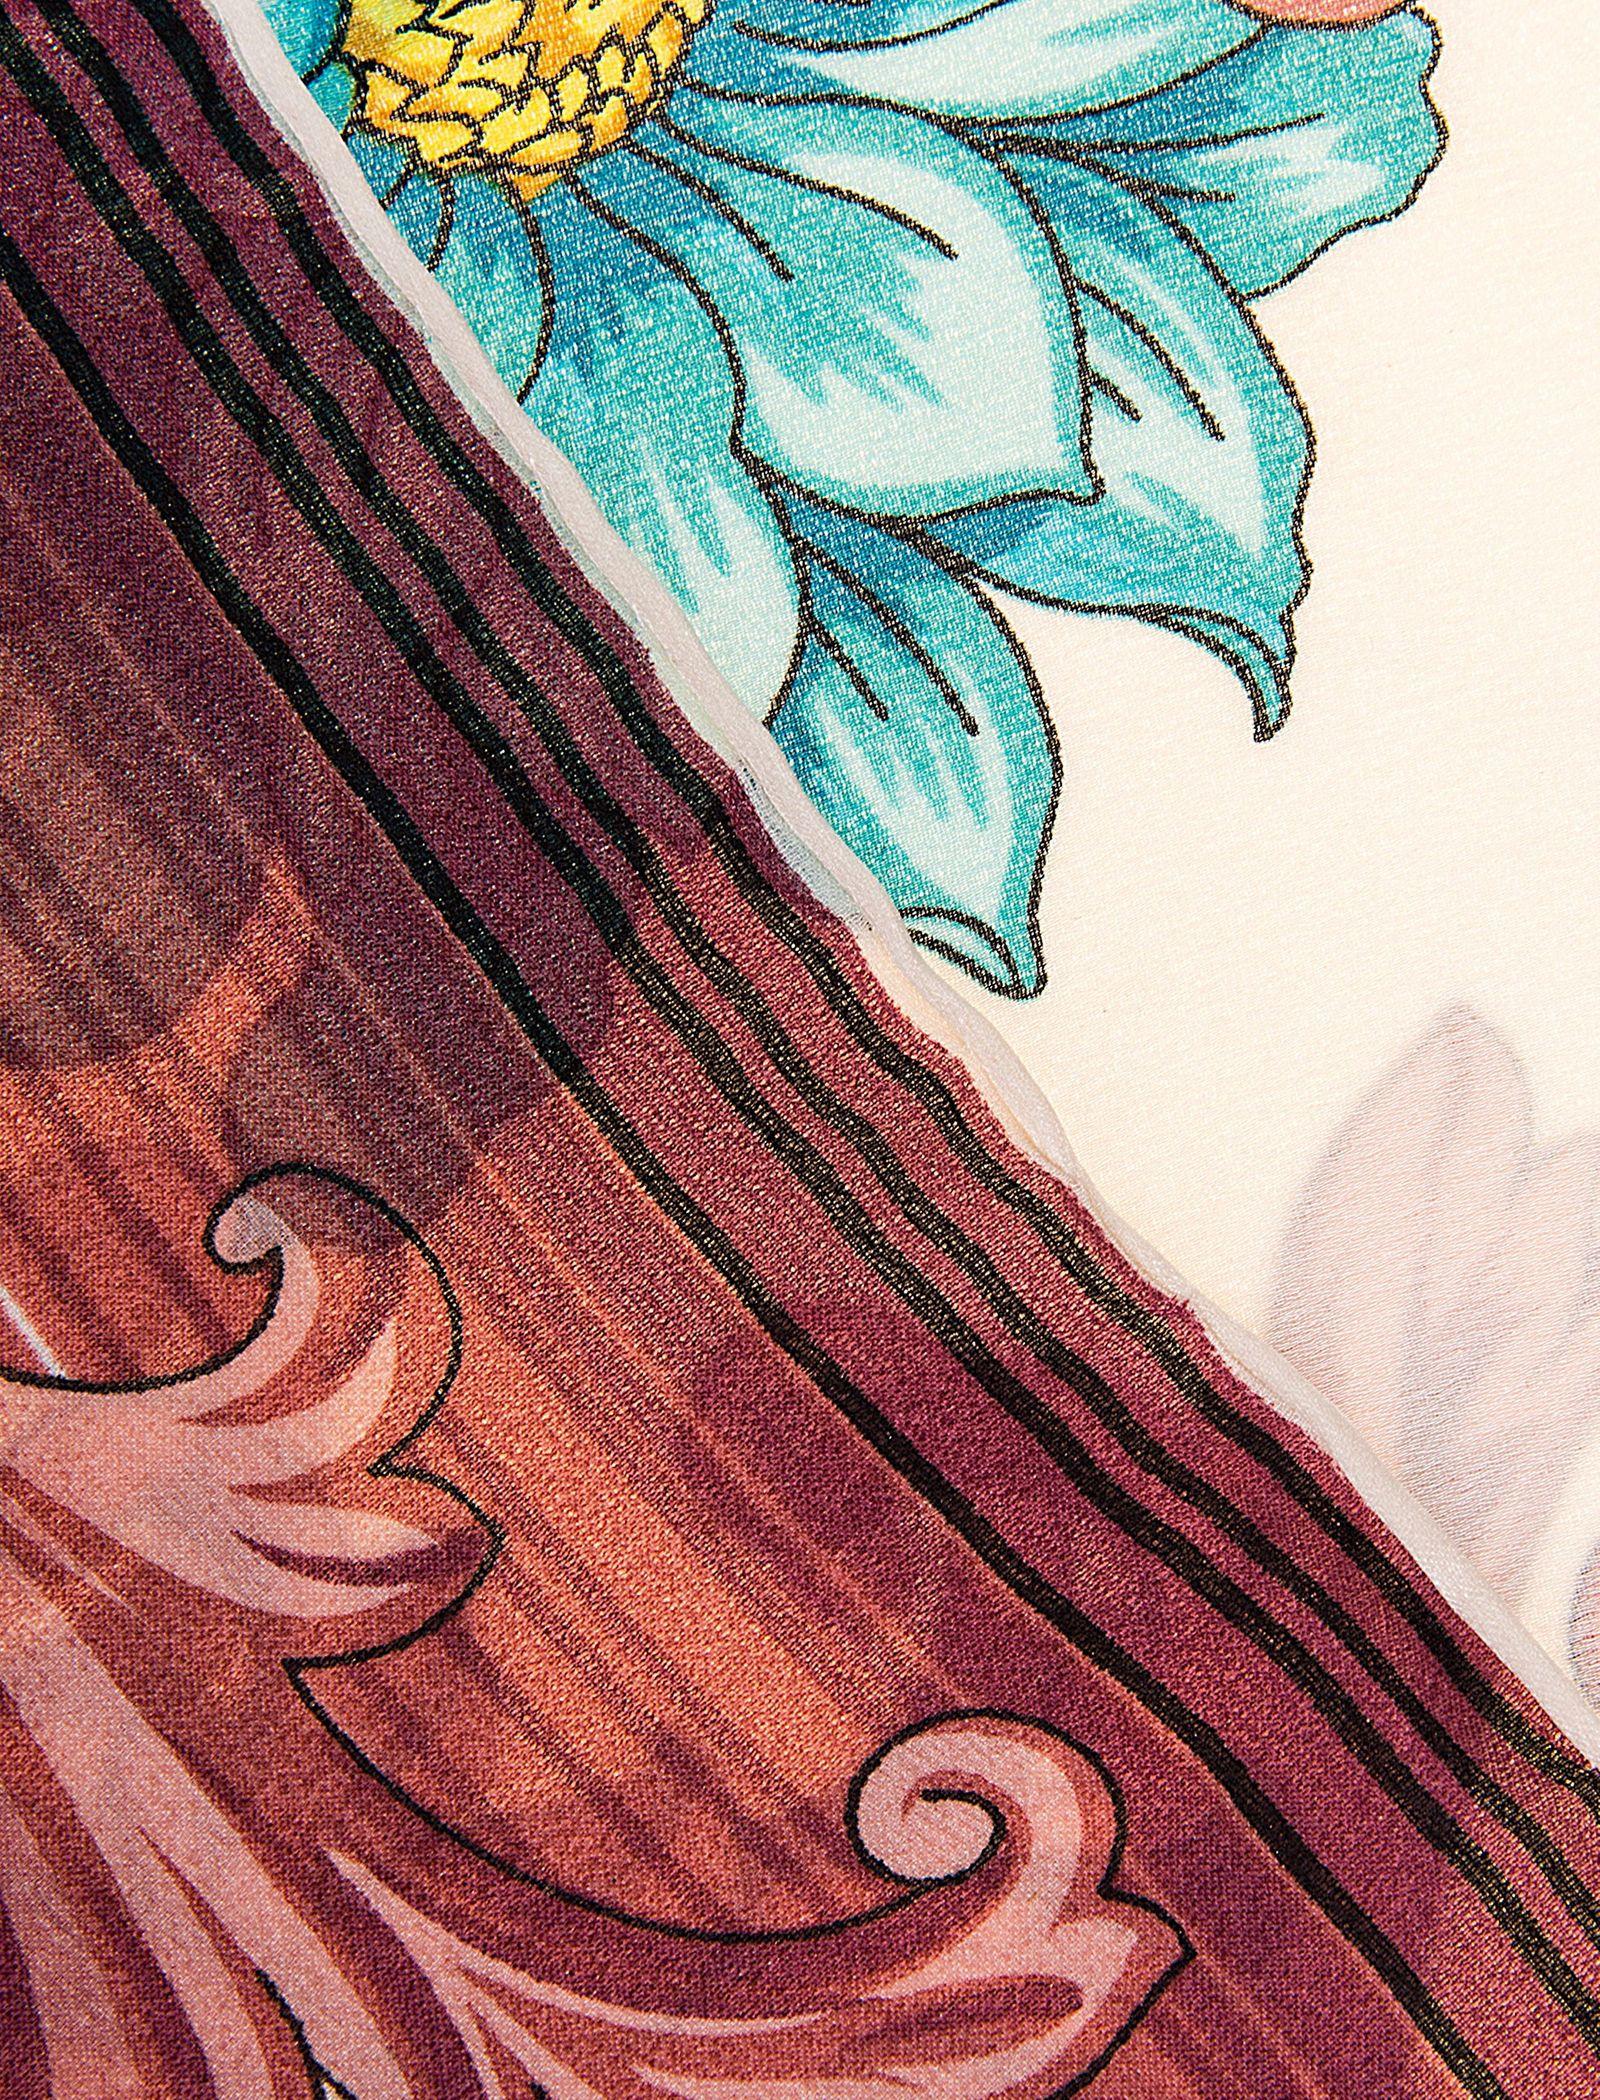 روسری ابریشمی زنانه - رزتی - سفيد و صورتي - 4